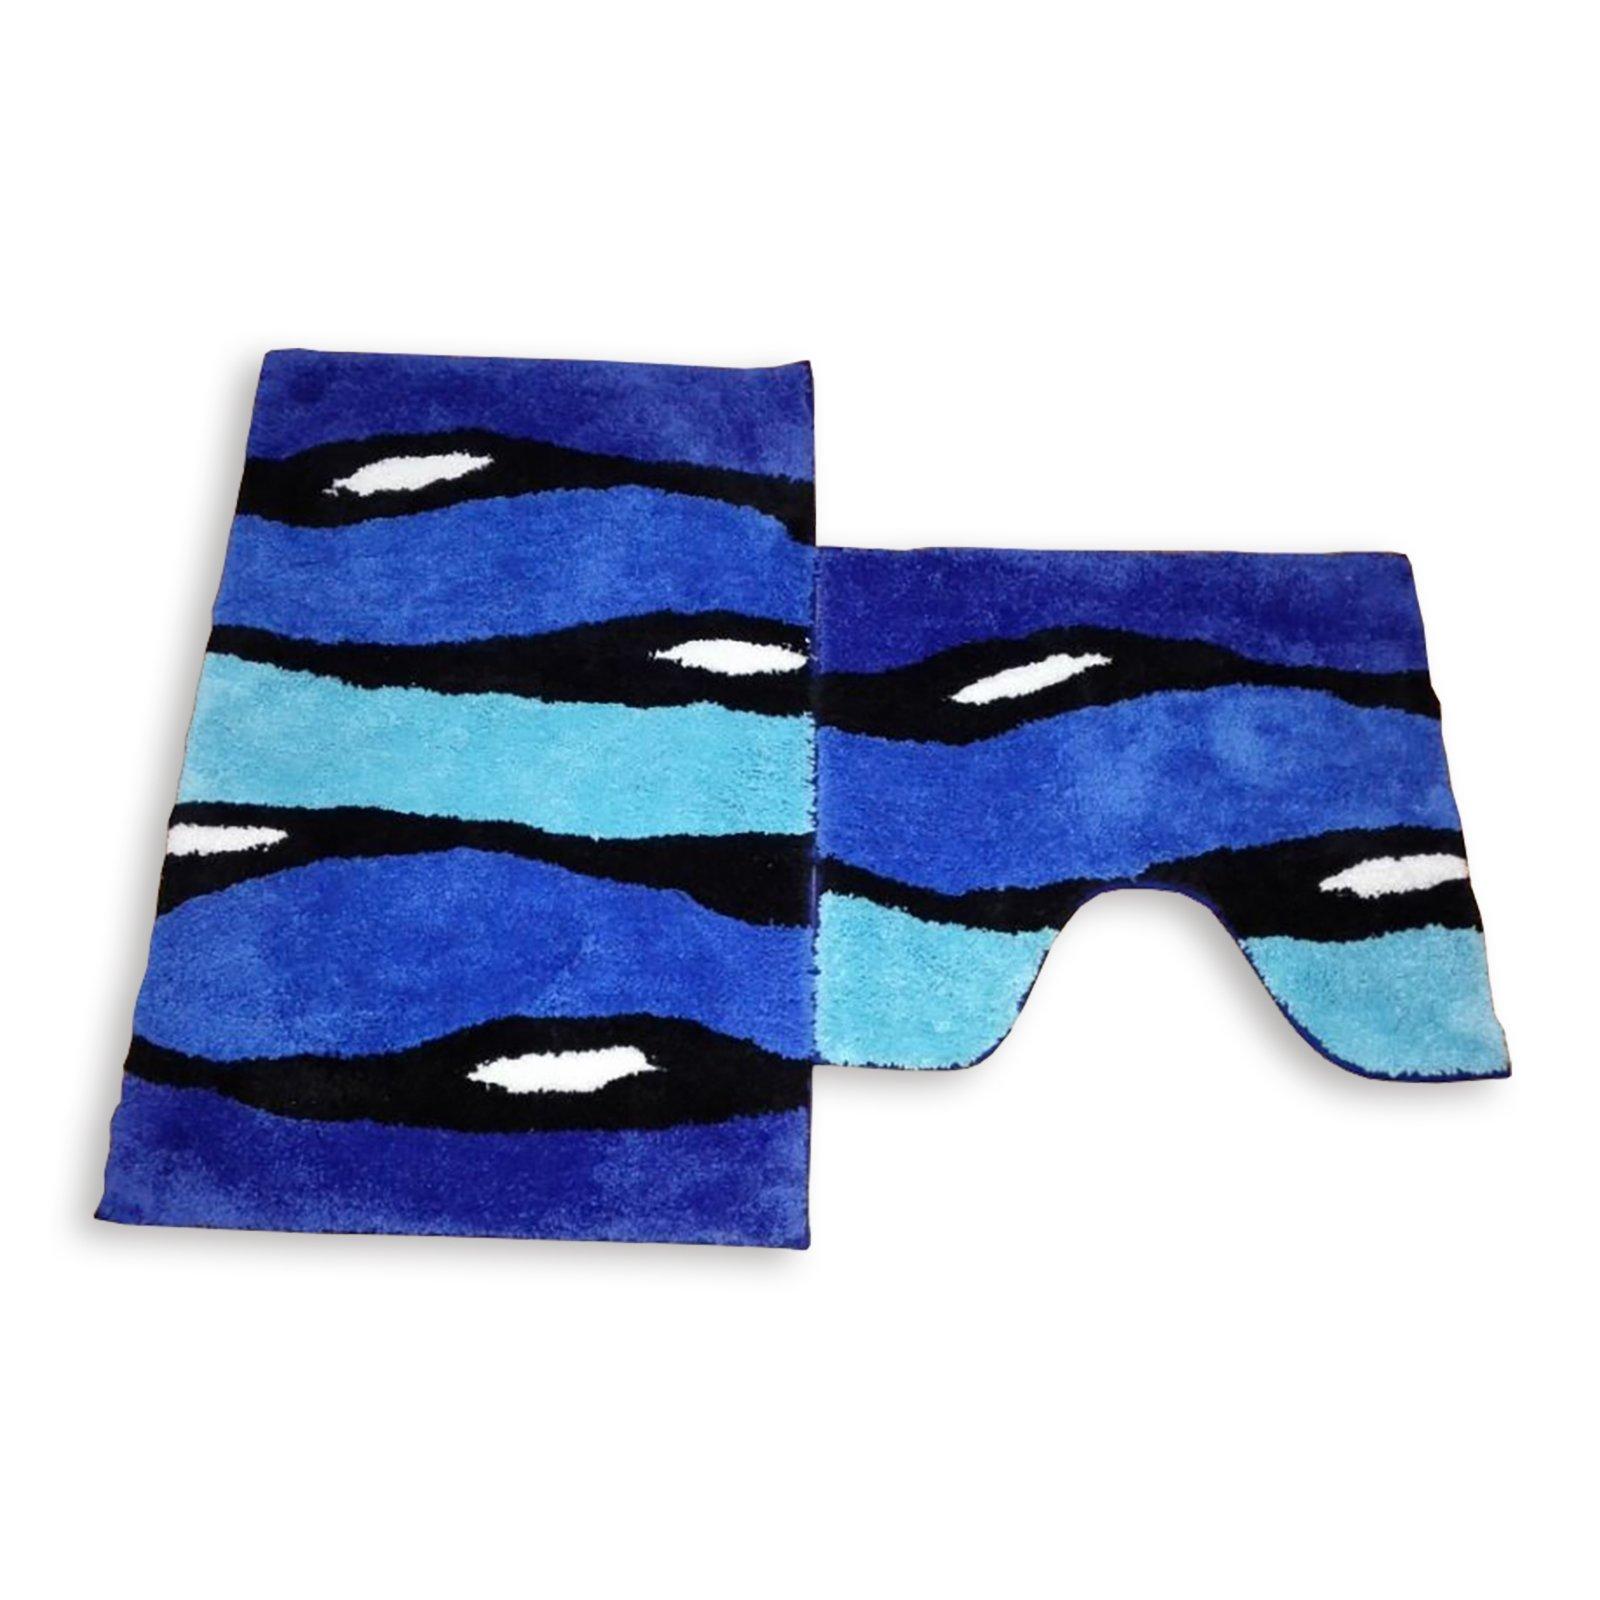 2 teilige badgarnitur bonzo blue blau mit ausschnitt badteppiche matten badtextilien. Black Bedroom Furniture Sets. Home Design Ideas